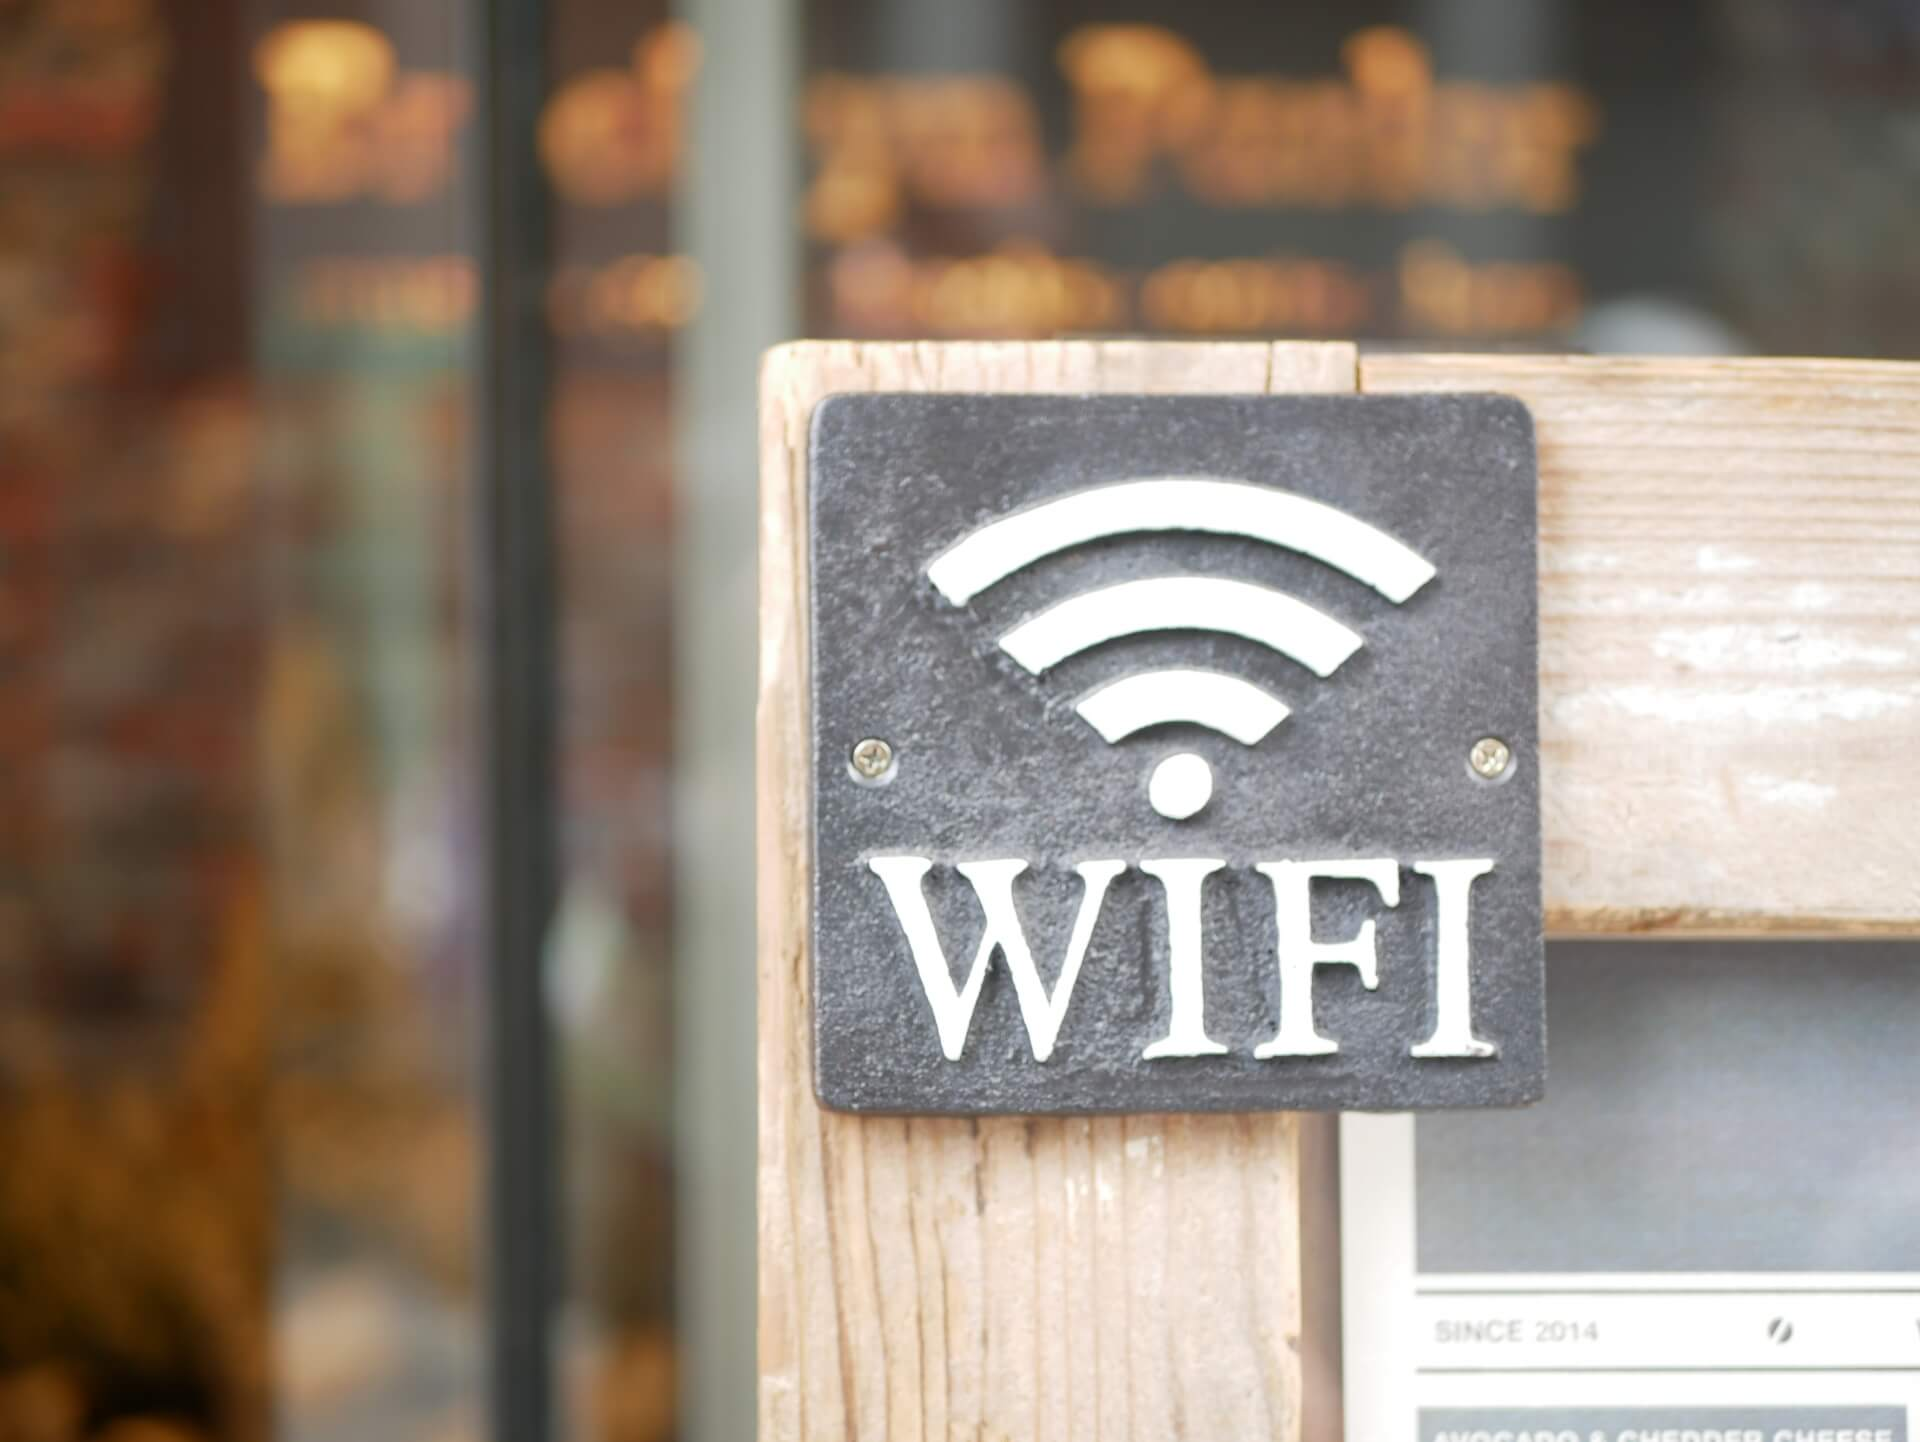 カラオケはここまで便利になった!Wi-Fiが使える店舗